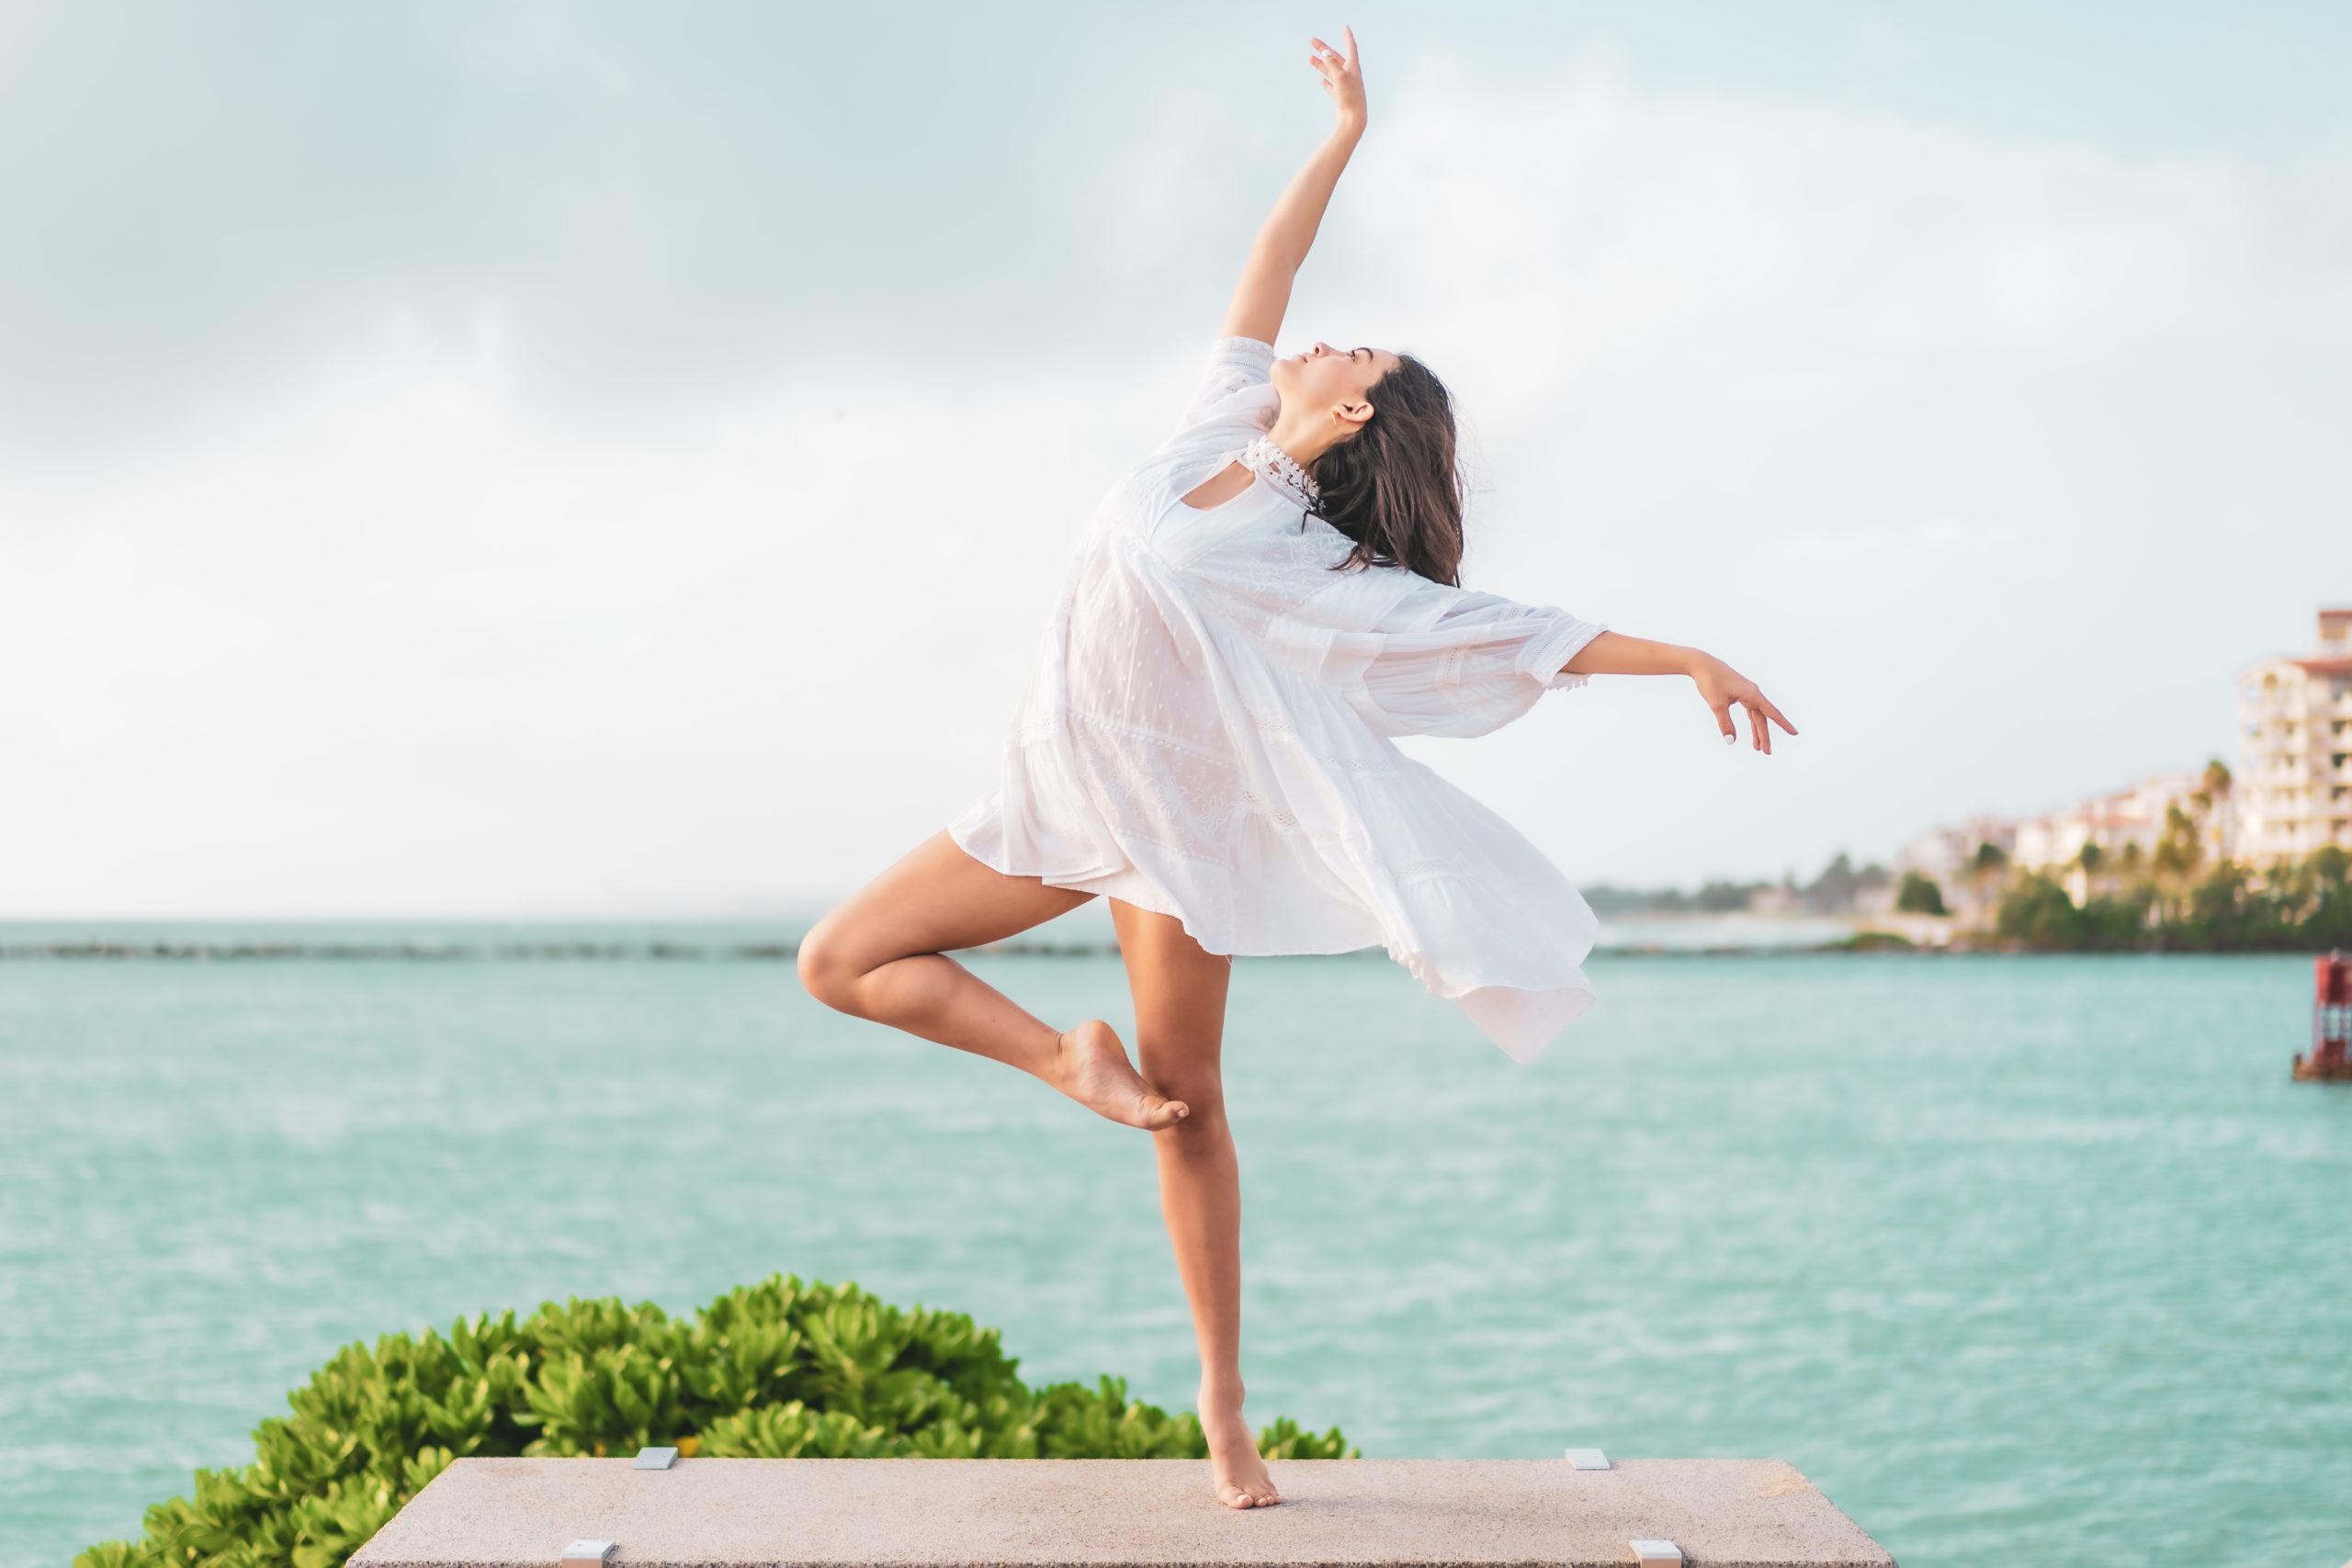 Dancer posing by the ocean